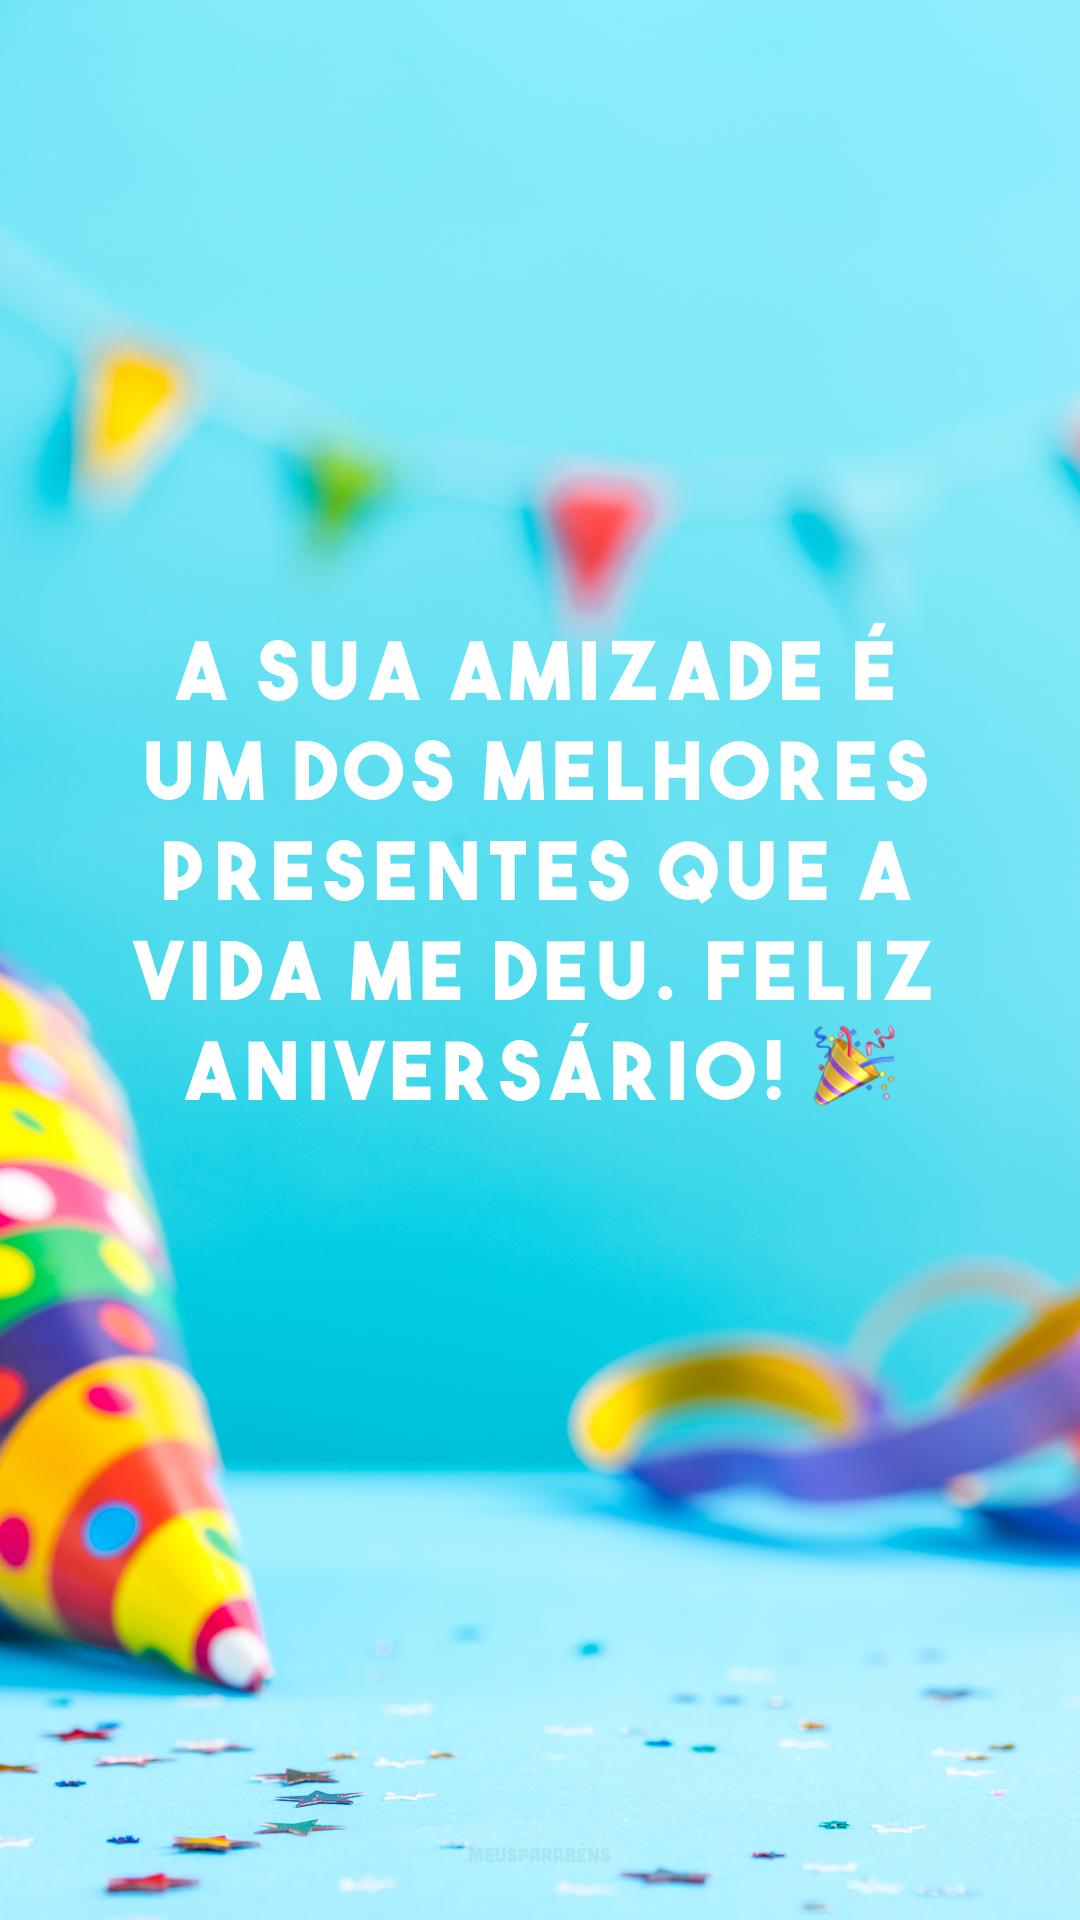 A sua amizade é um dos melhores presentes que a vida me deu. Feliz aniversário! 🎉